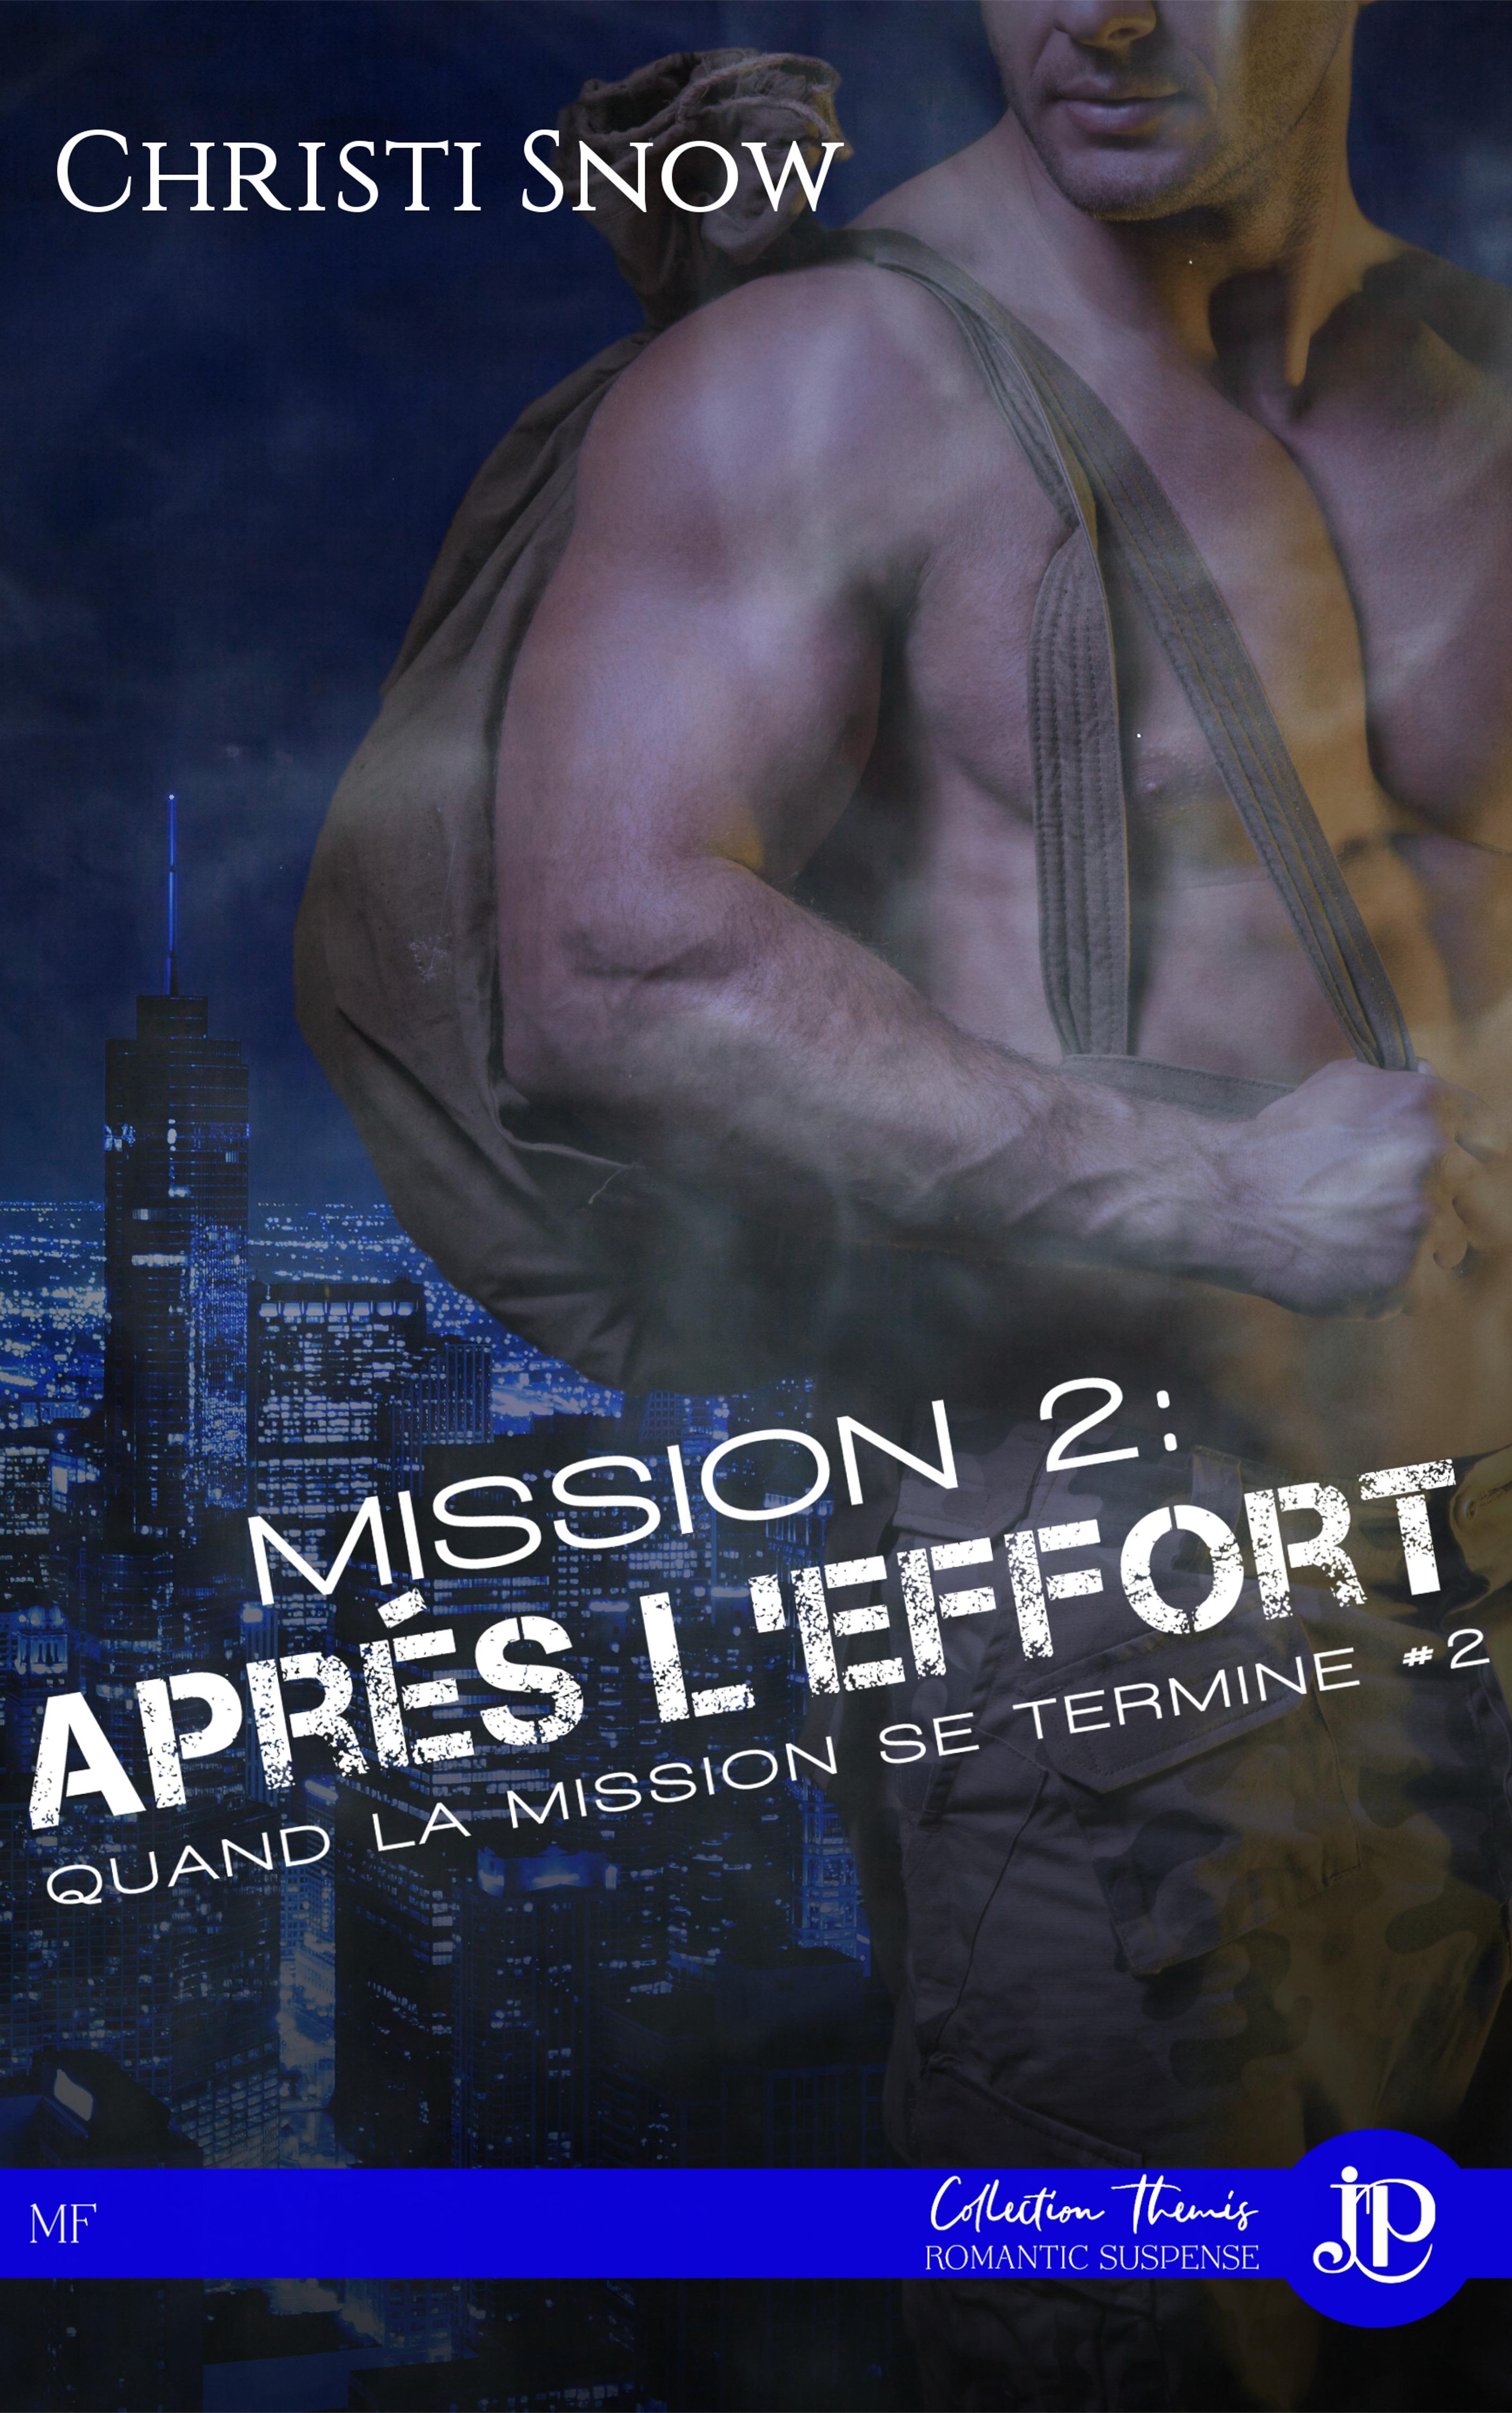 Mission 2 : Après l'effort, QUAND LA MISSION SE TERMINE #2